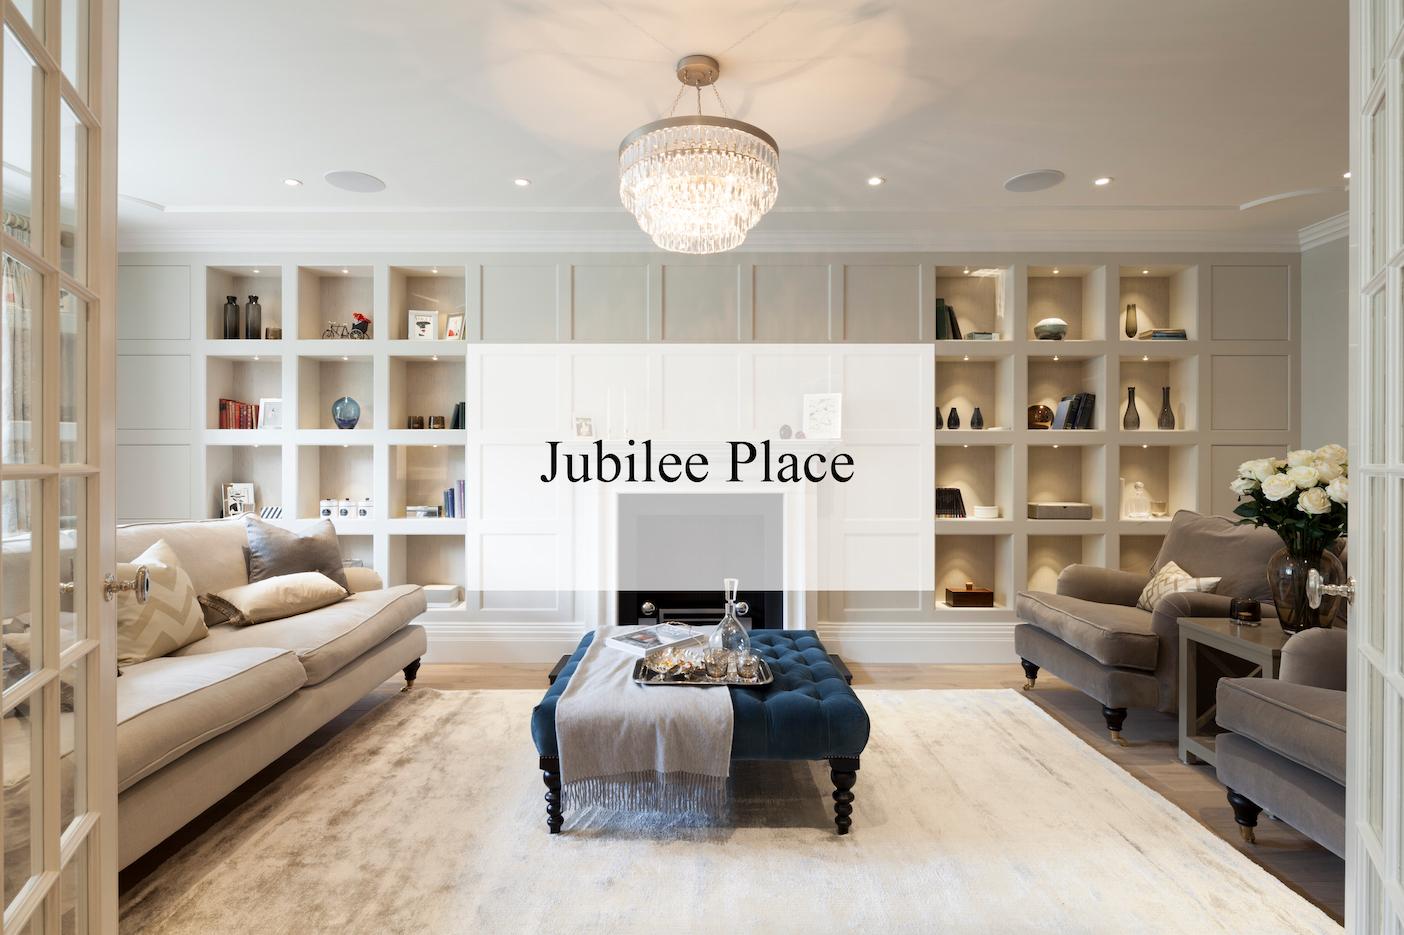 Jubilee Place